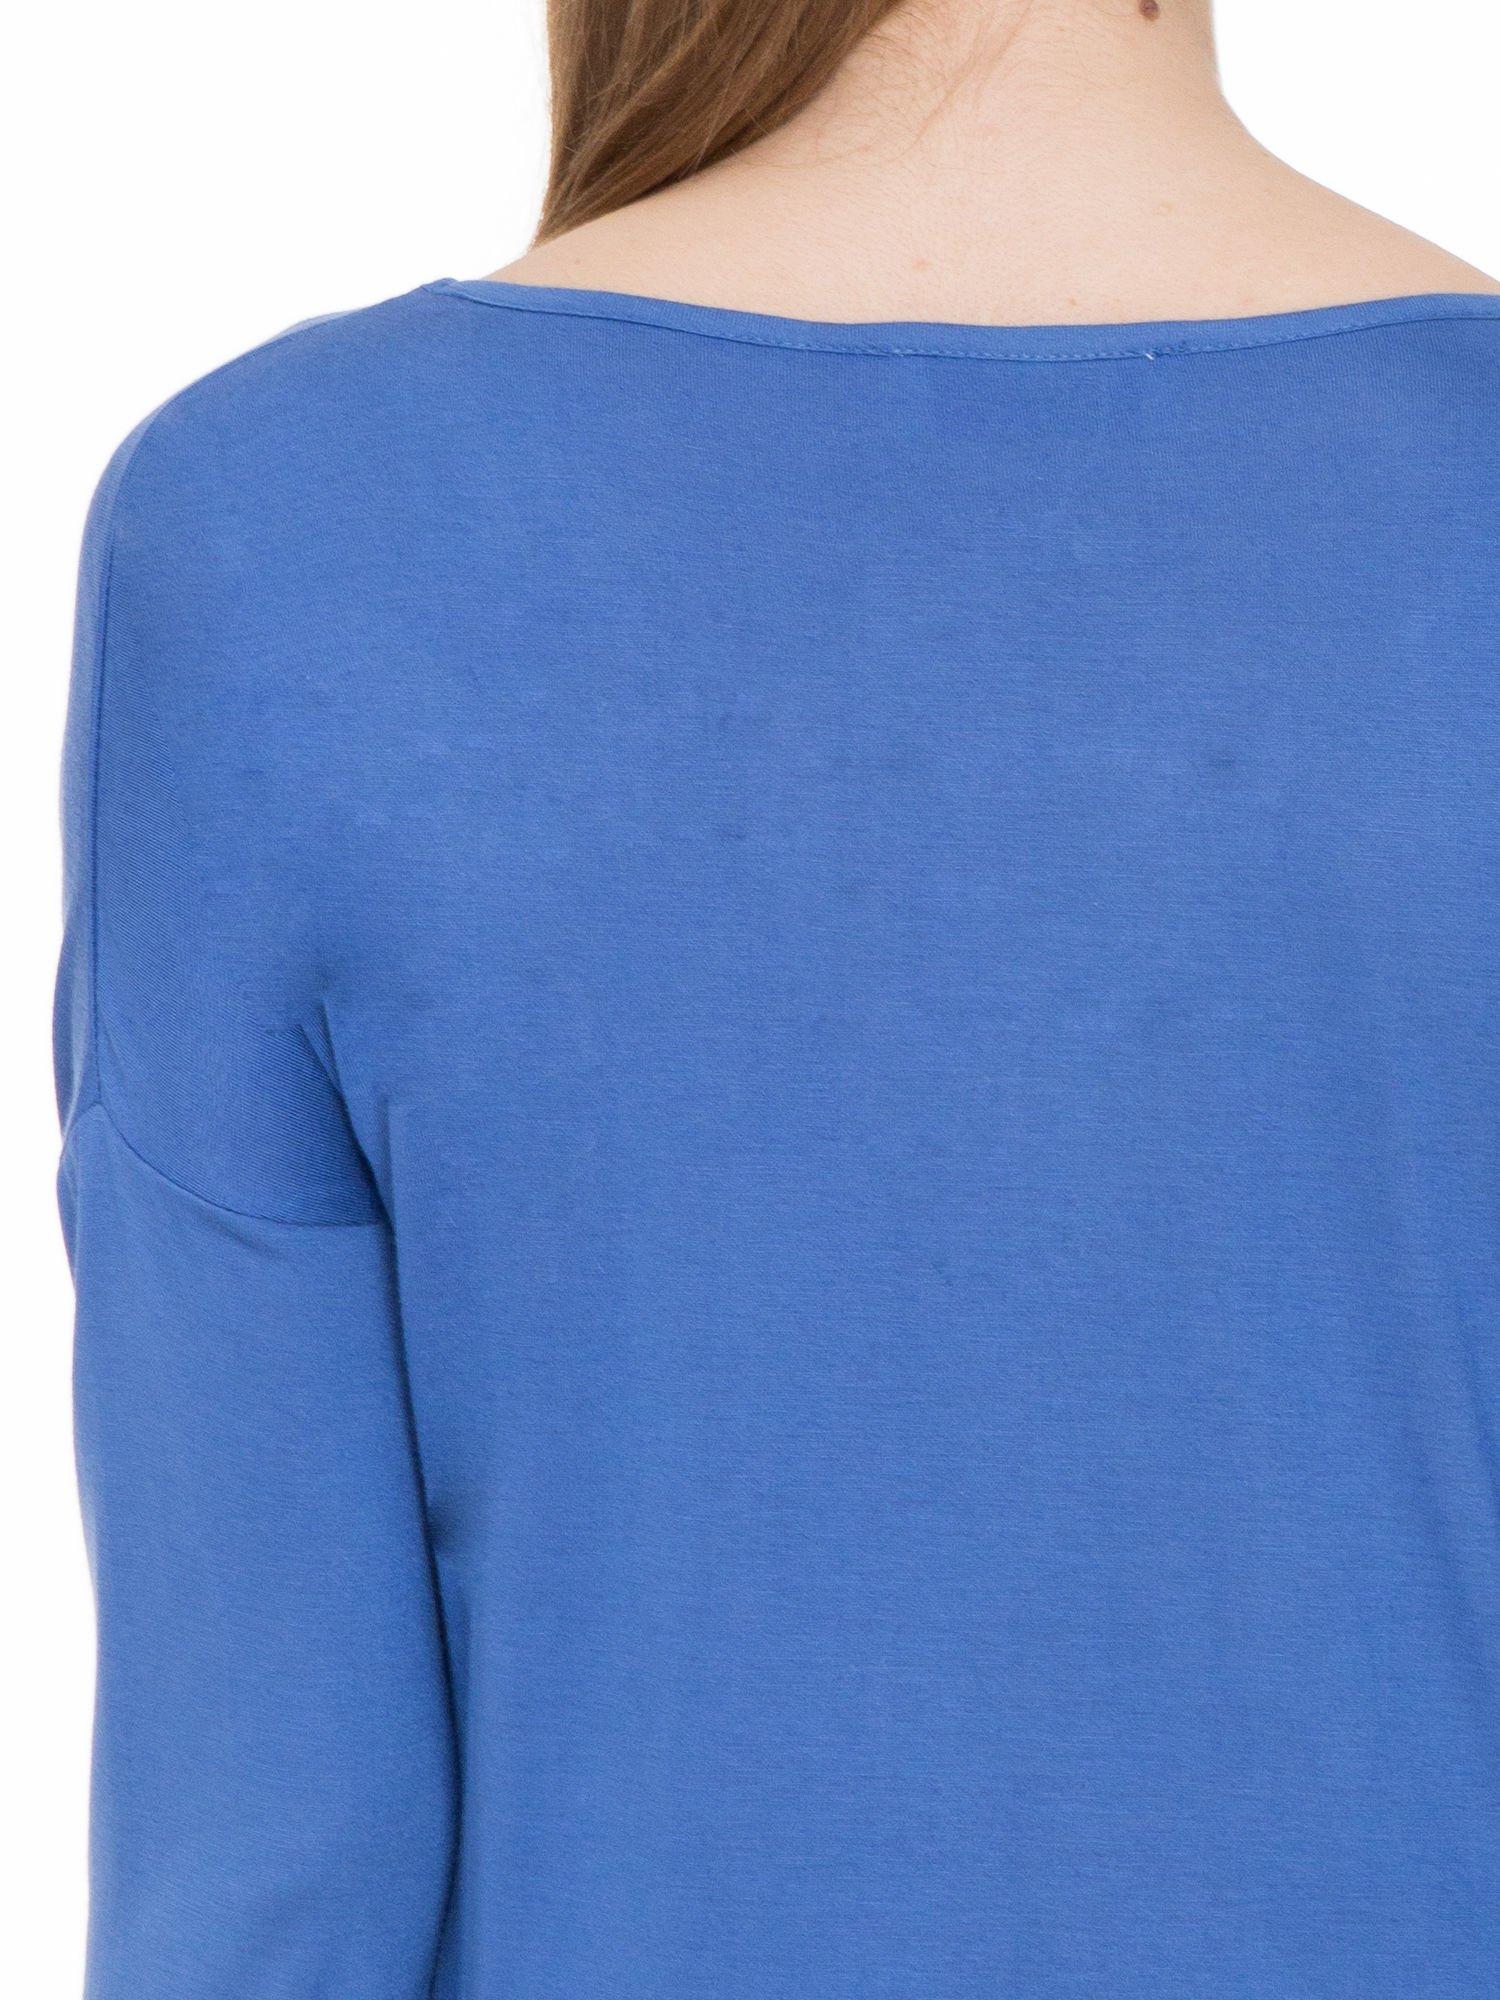 Niebieska gładka bluzka z ozdobnymi przeszyciami                                  zdj.                                  7